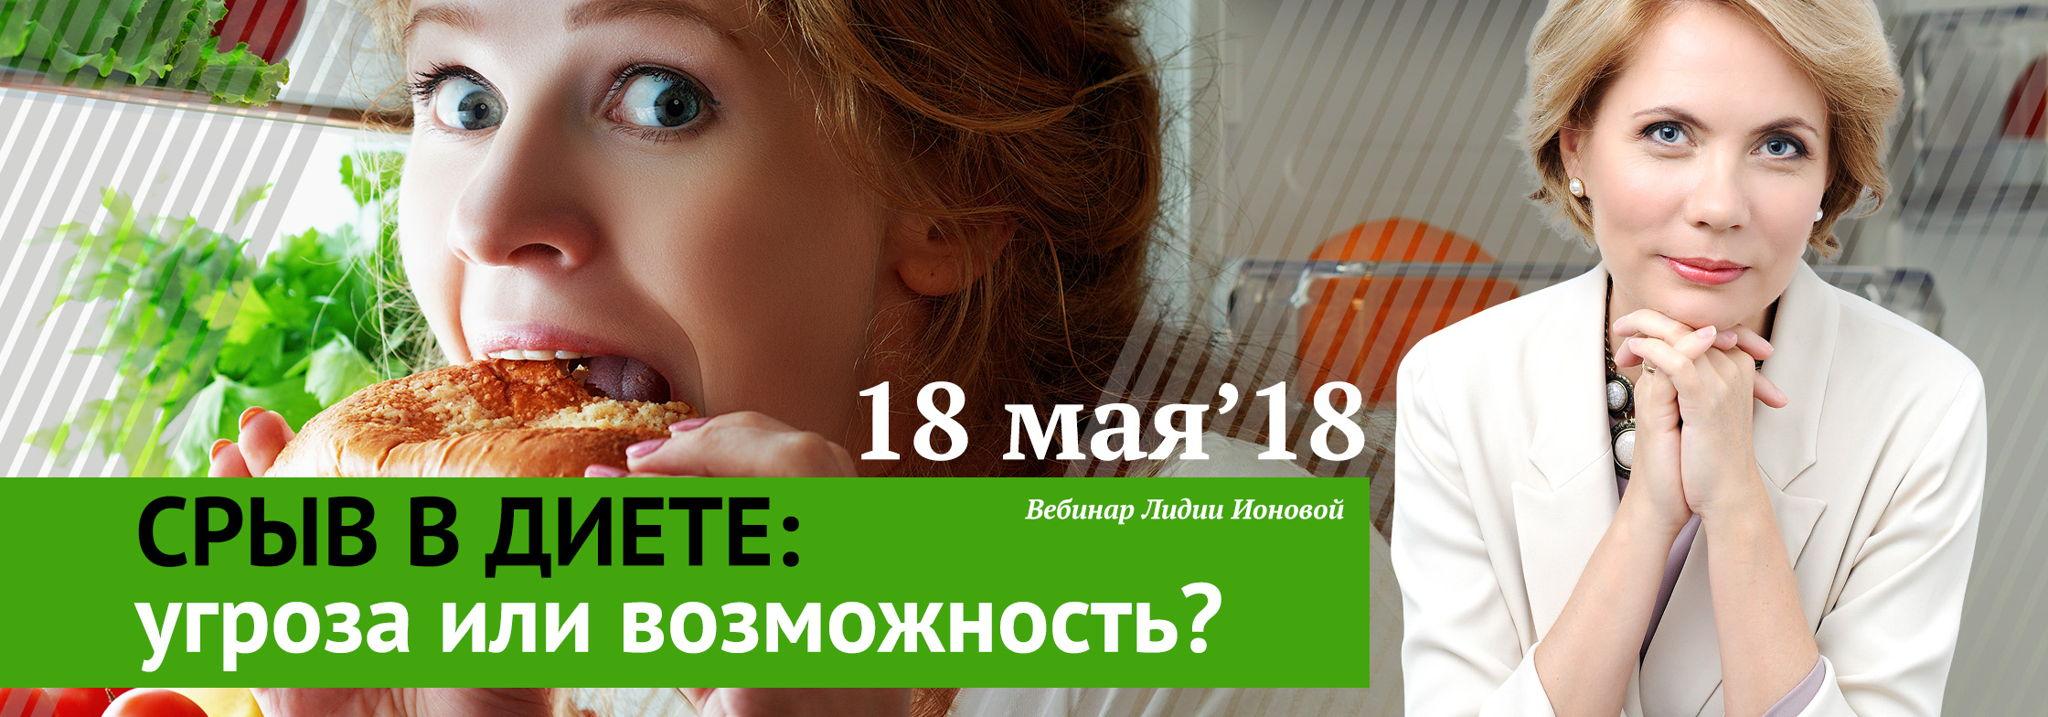 Срыв в диете — вебинар Лидии Ионовой